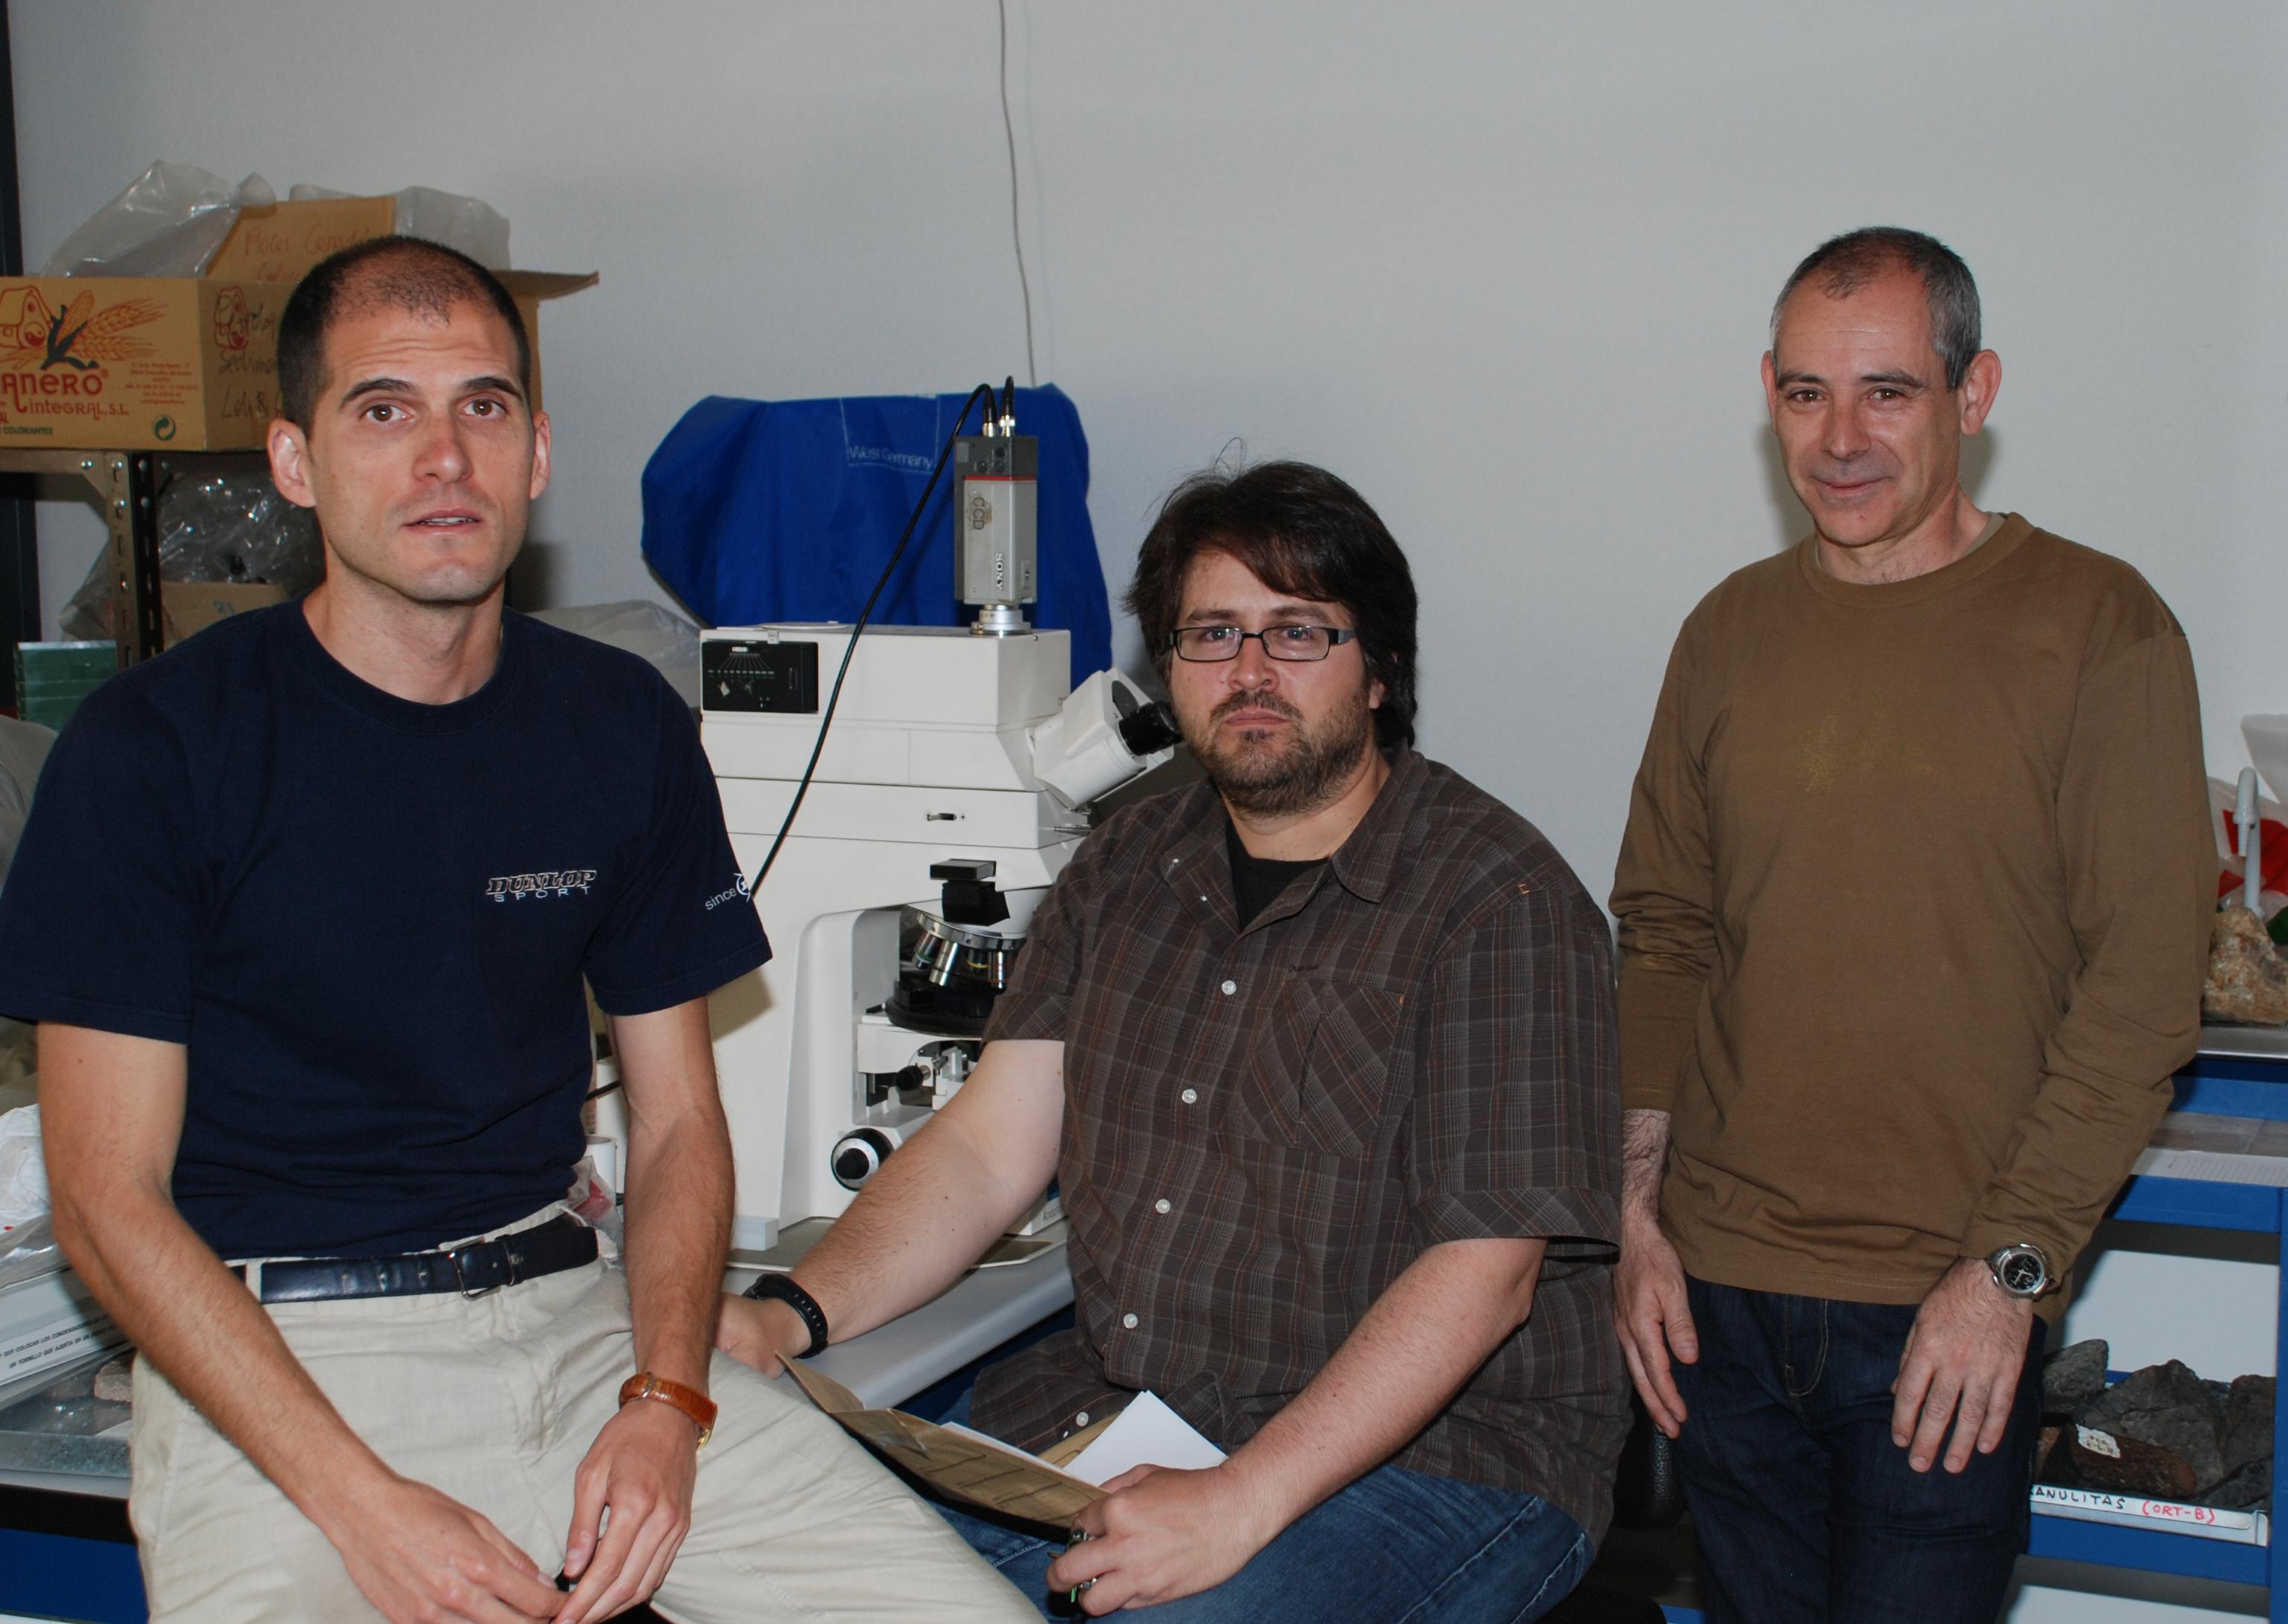 Un consorcio multidisciplinar de investigadores de la Universidad de Salamanca, a la vanguardia en los estudios de vulcanología a nivel internacional